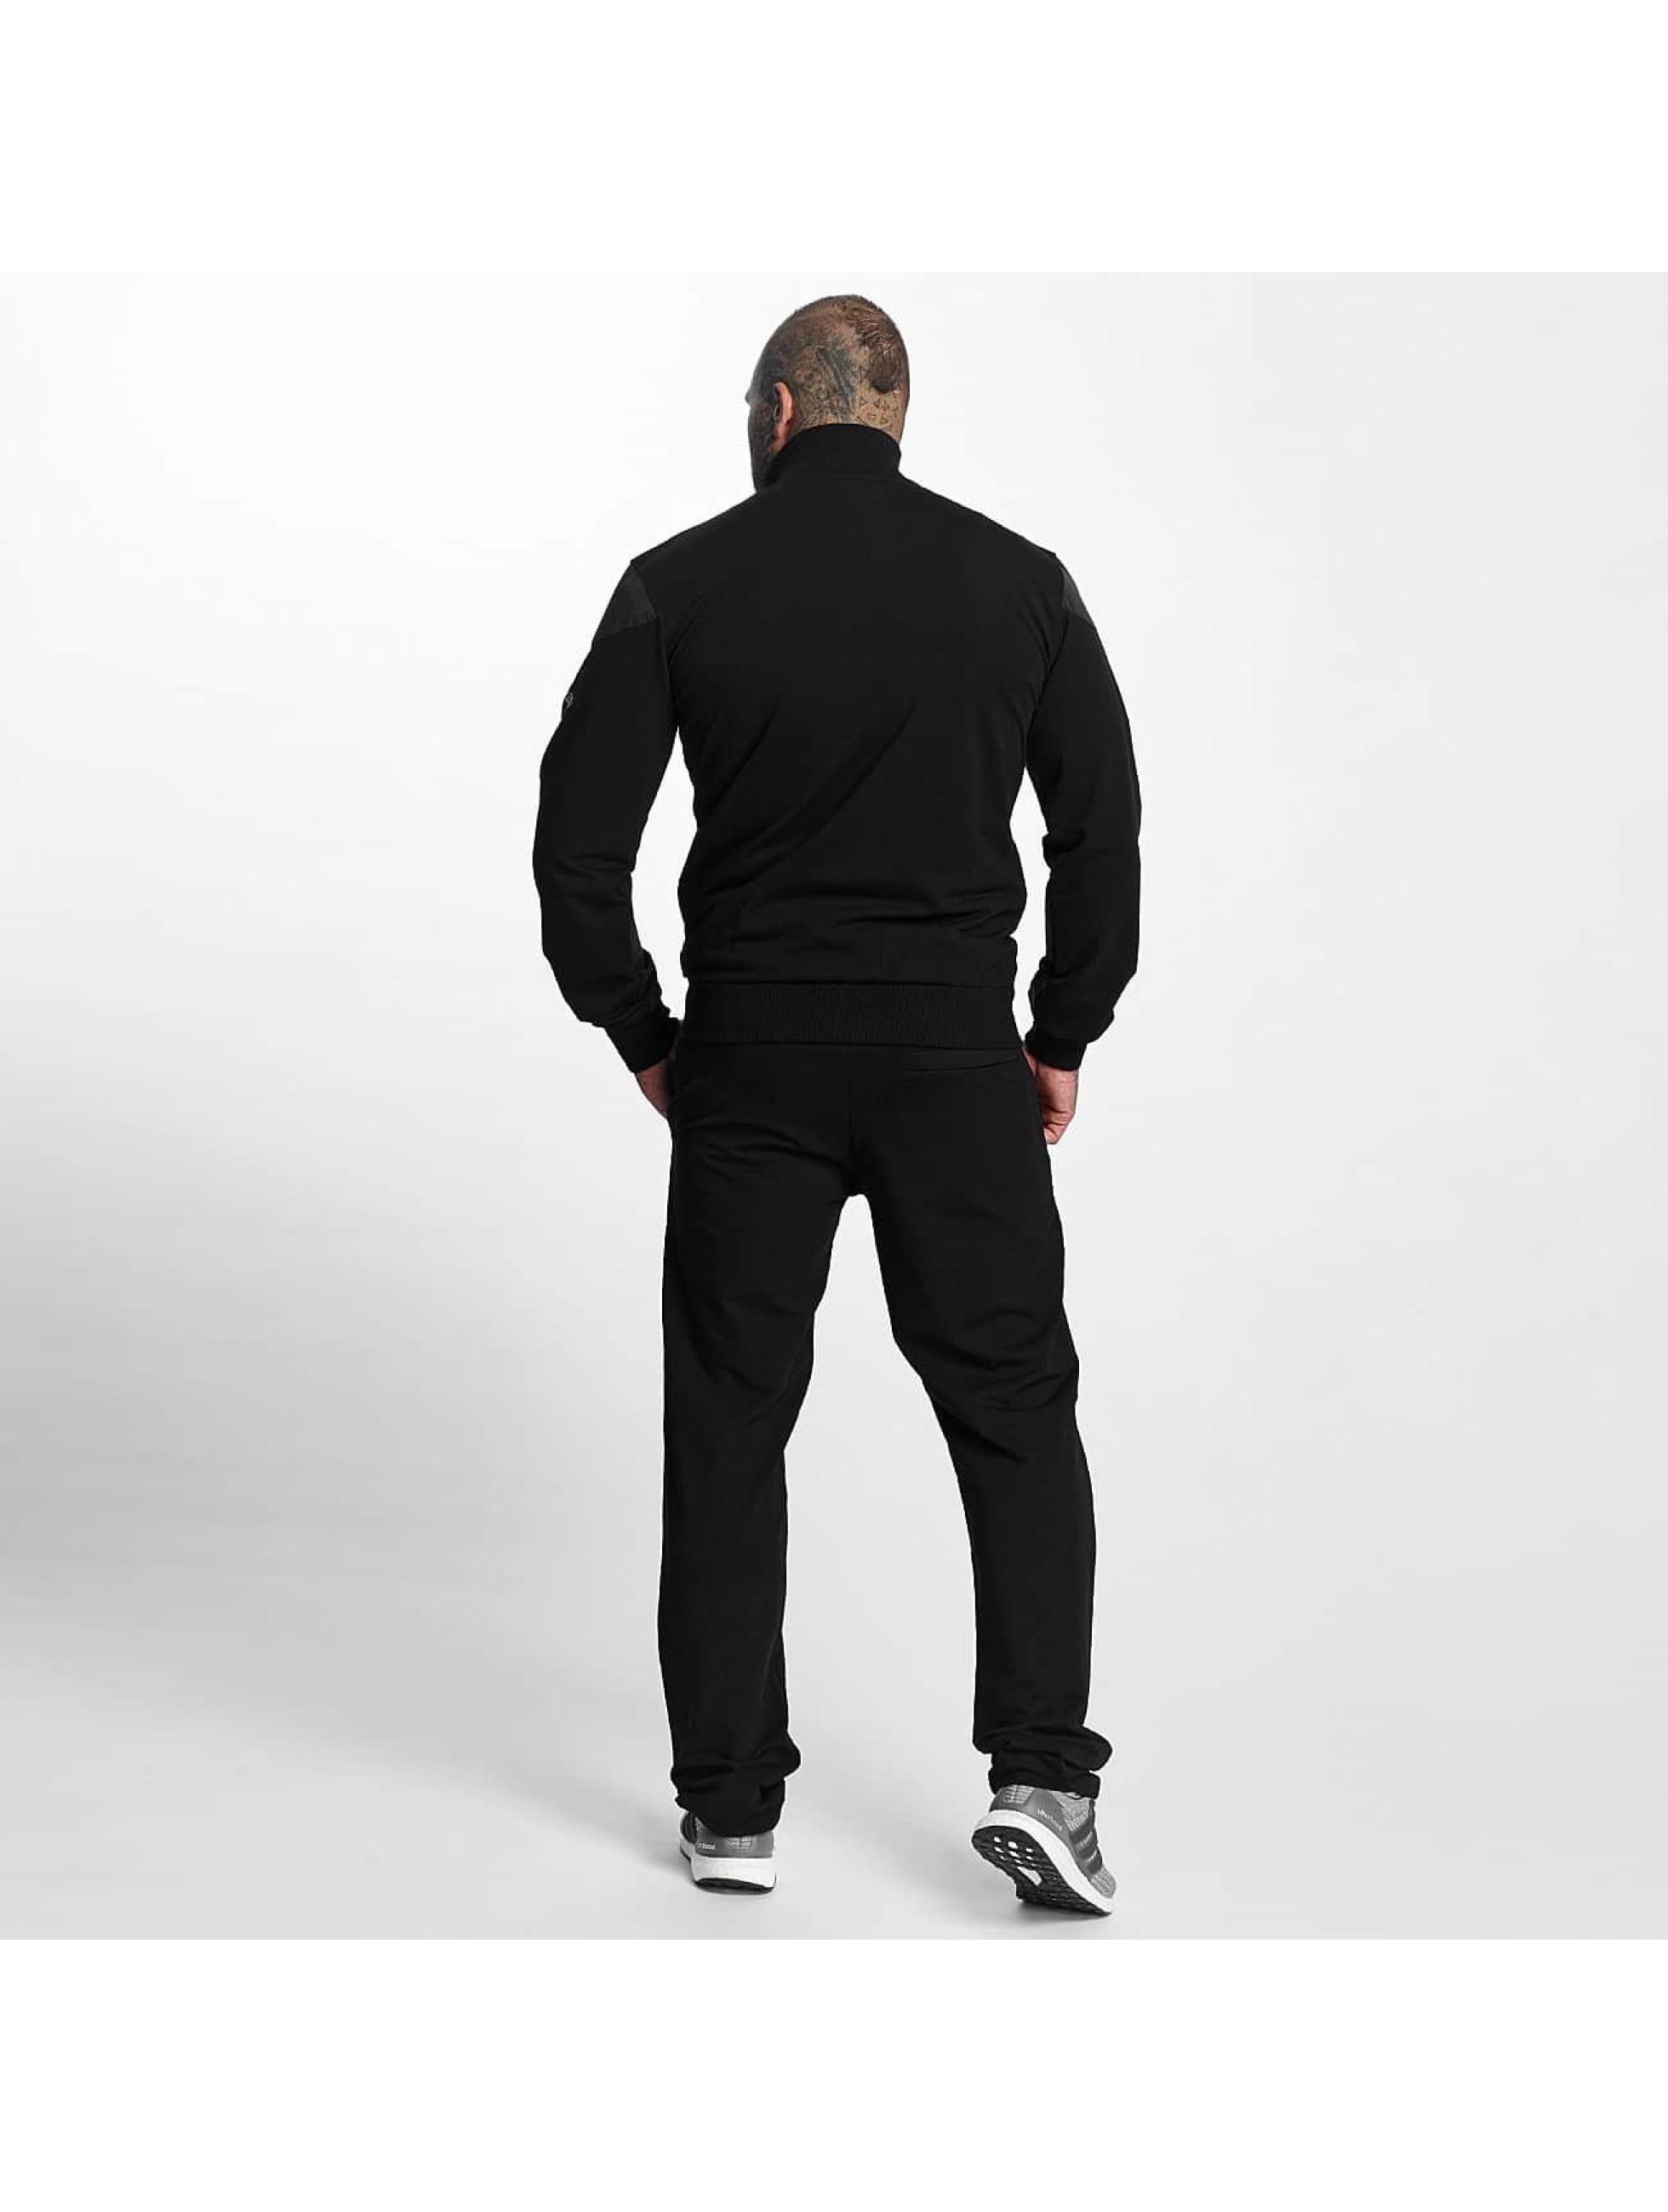 Pro Violence Streetwear Trainingspak Cosy zwart